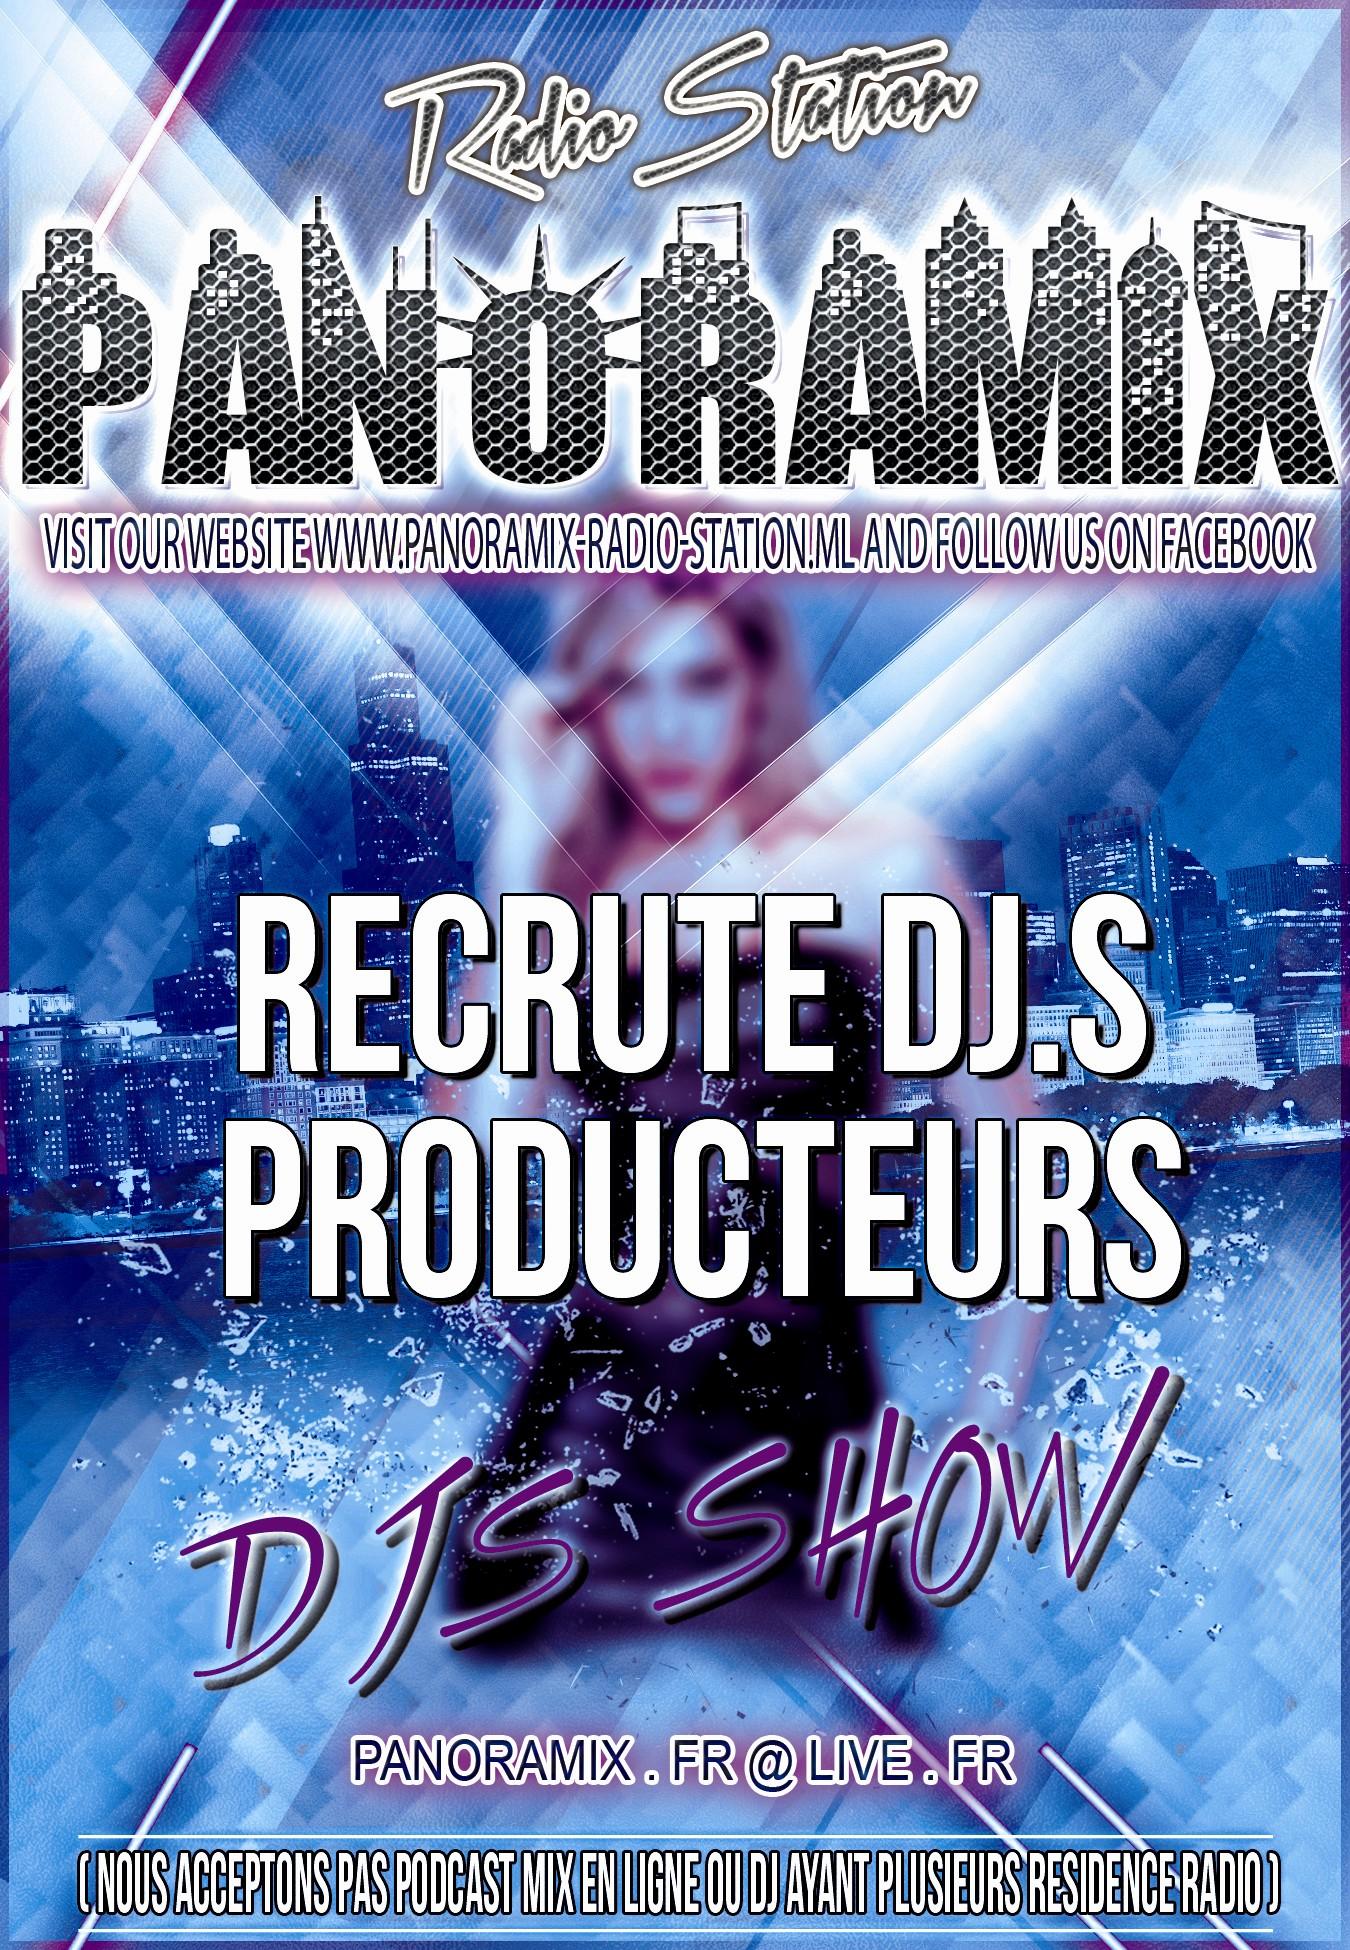 https://panoramix-radio-station.com/wp-content/uploads/2016/12/recrute-dj-panoramix-2016-1.jpg